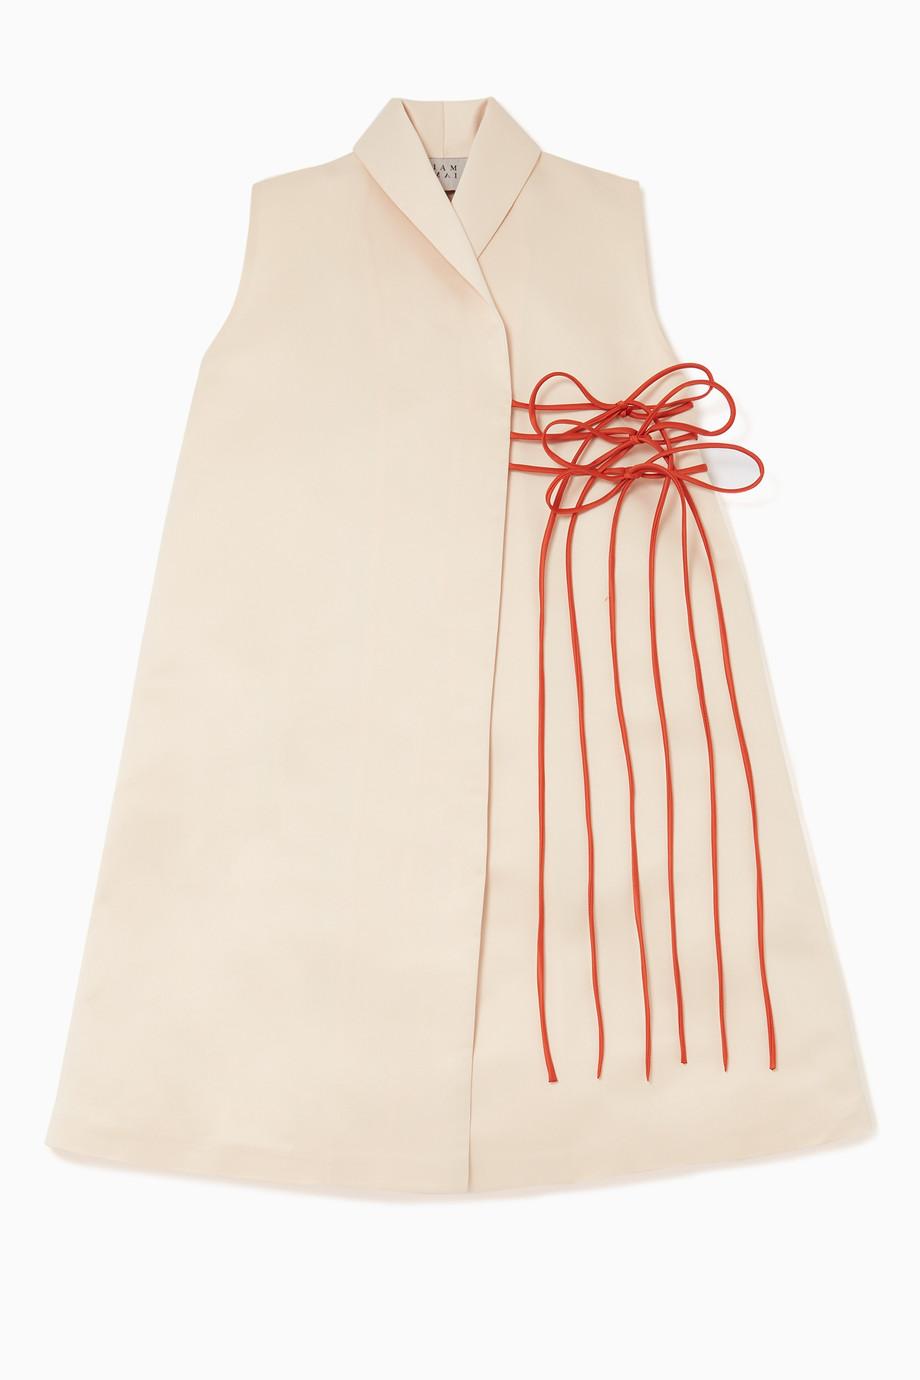 b45a86166 تسوق فستان بلا أكمام وأربطة IAM MAI لون طبيعى للأطفال | اُناس